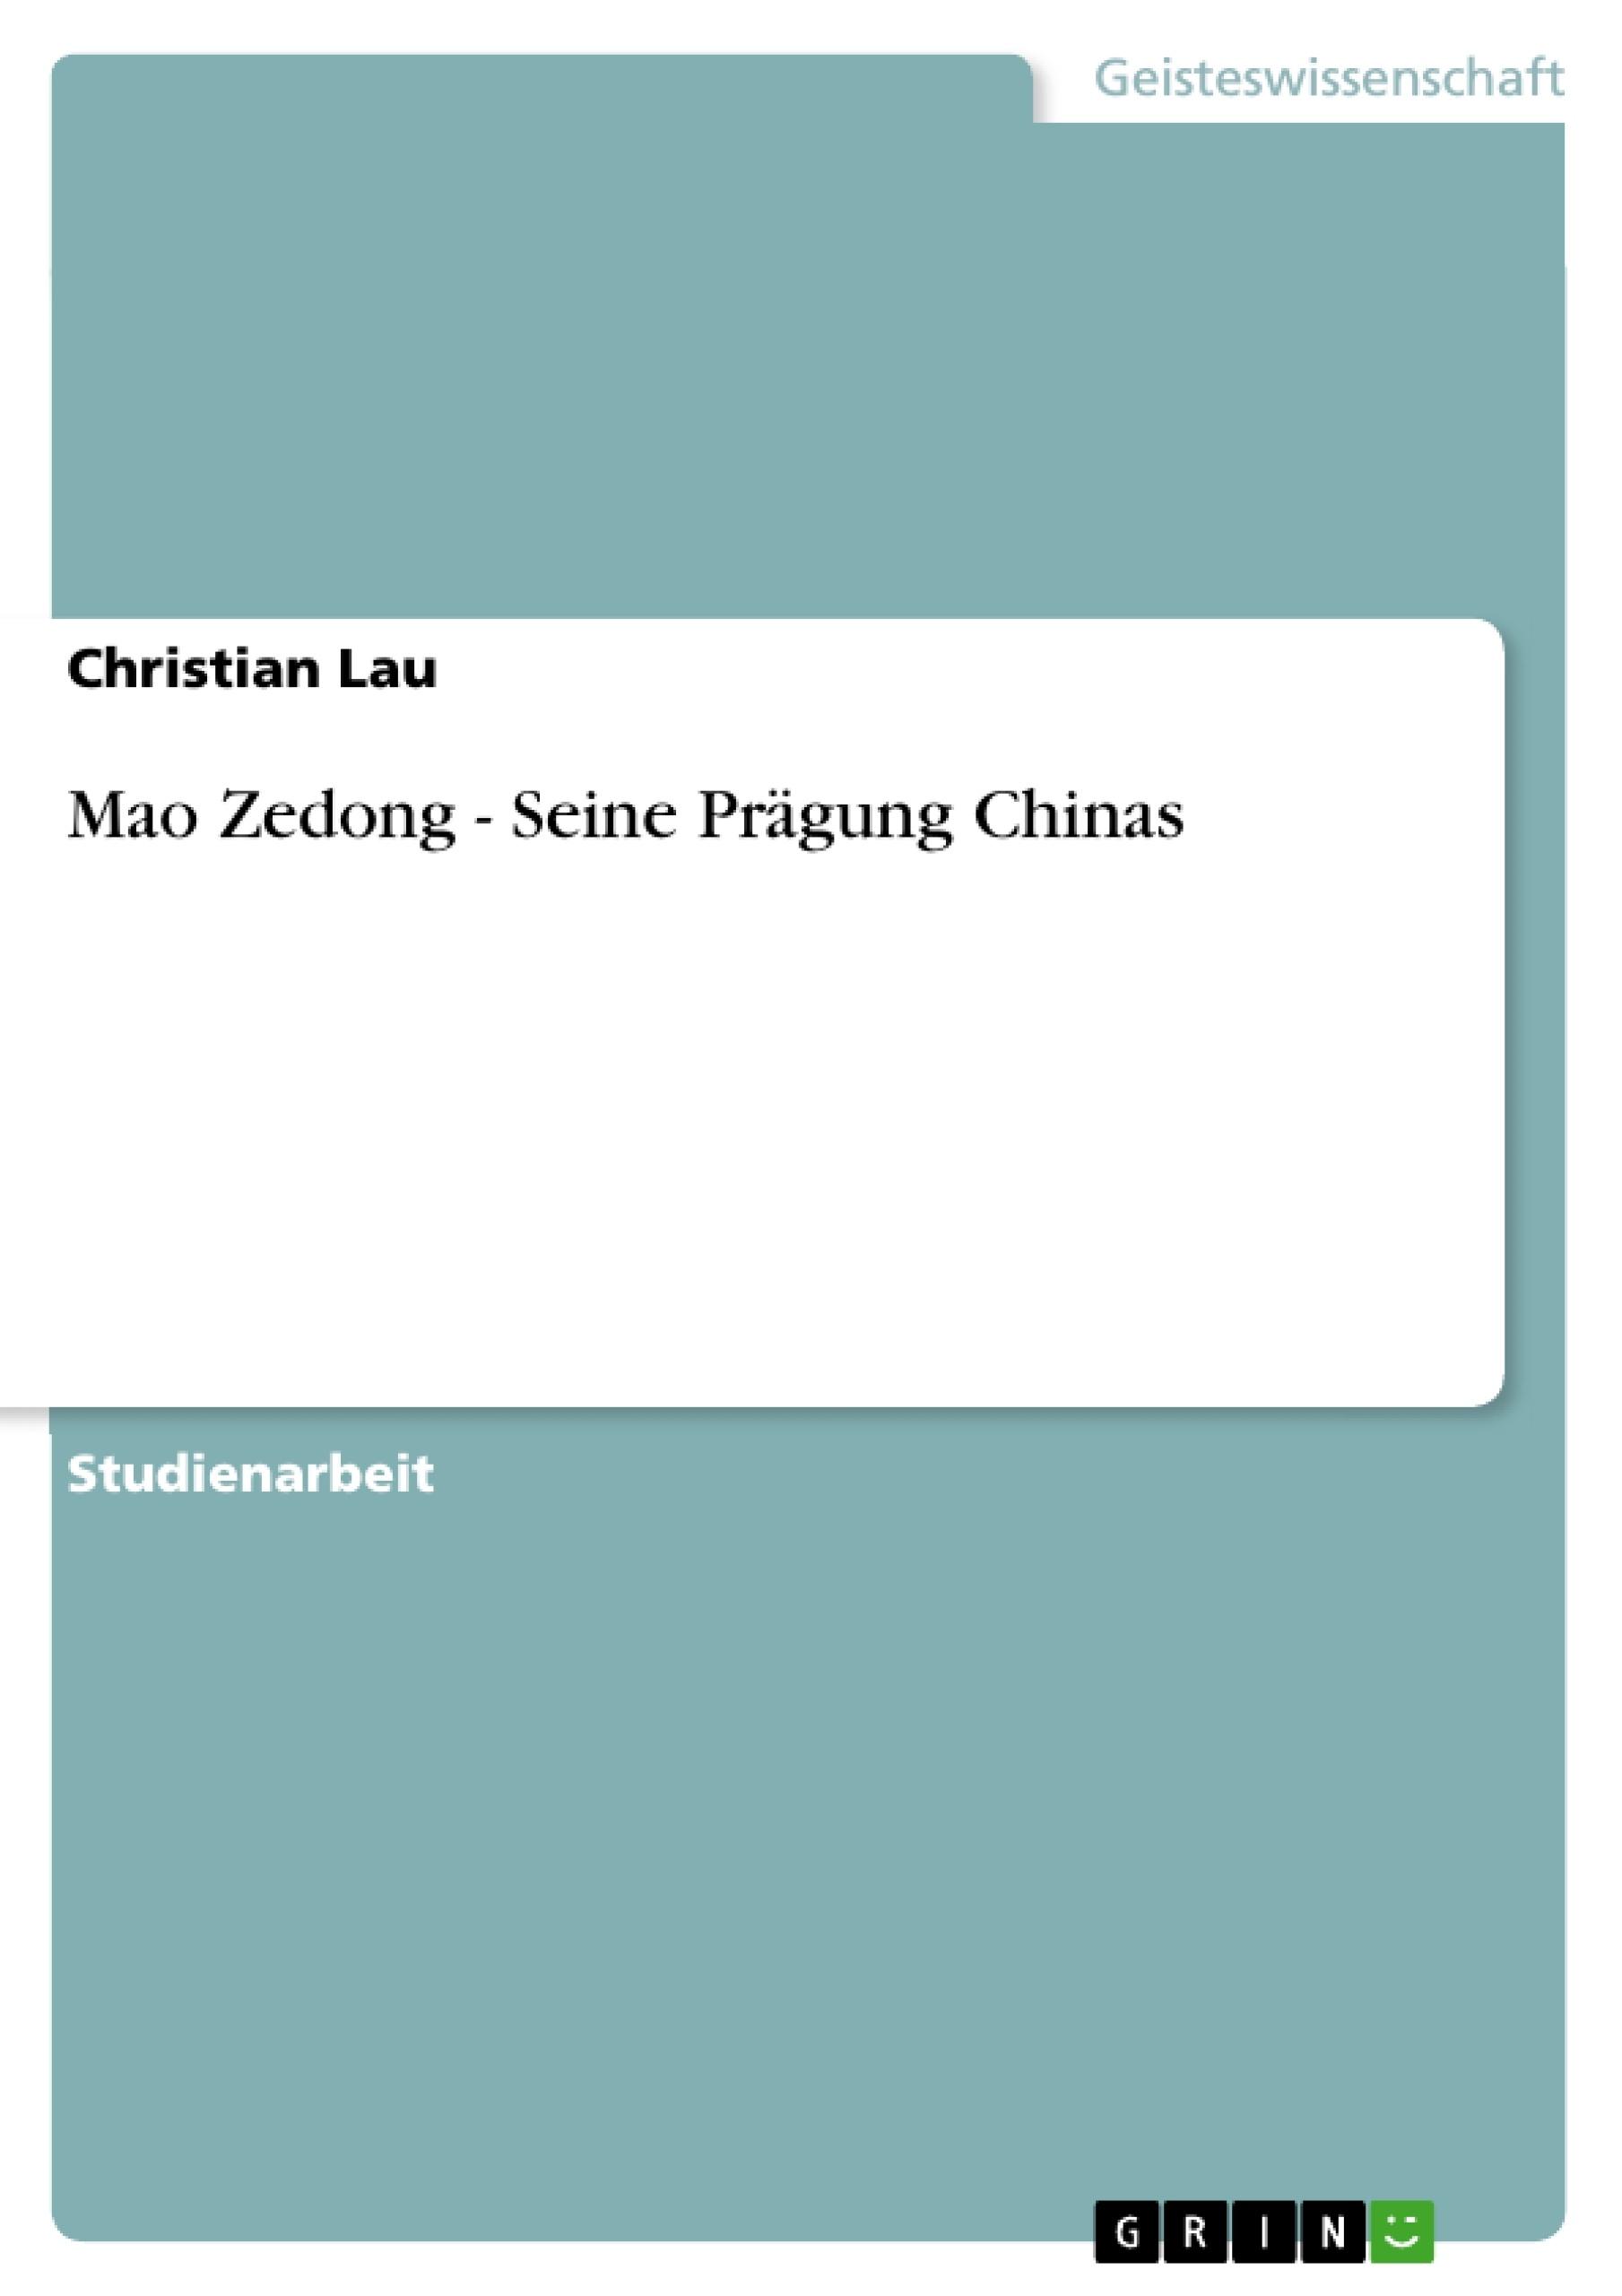 Titel: Mao Zedong - Seine Prägung Chinas